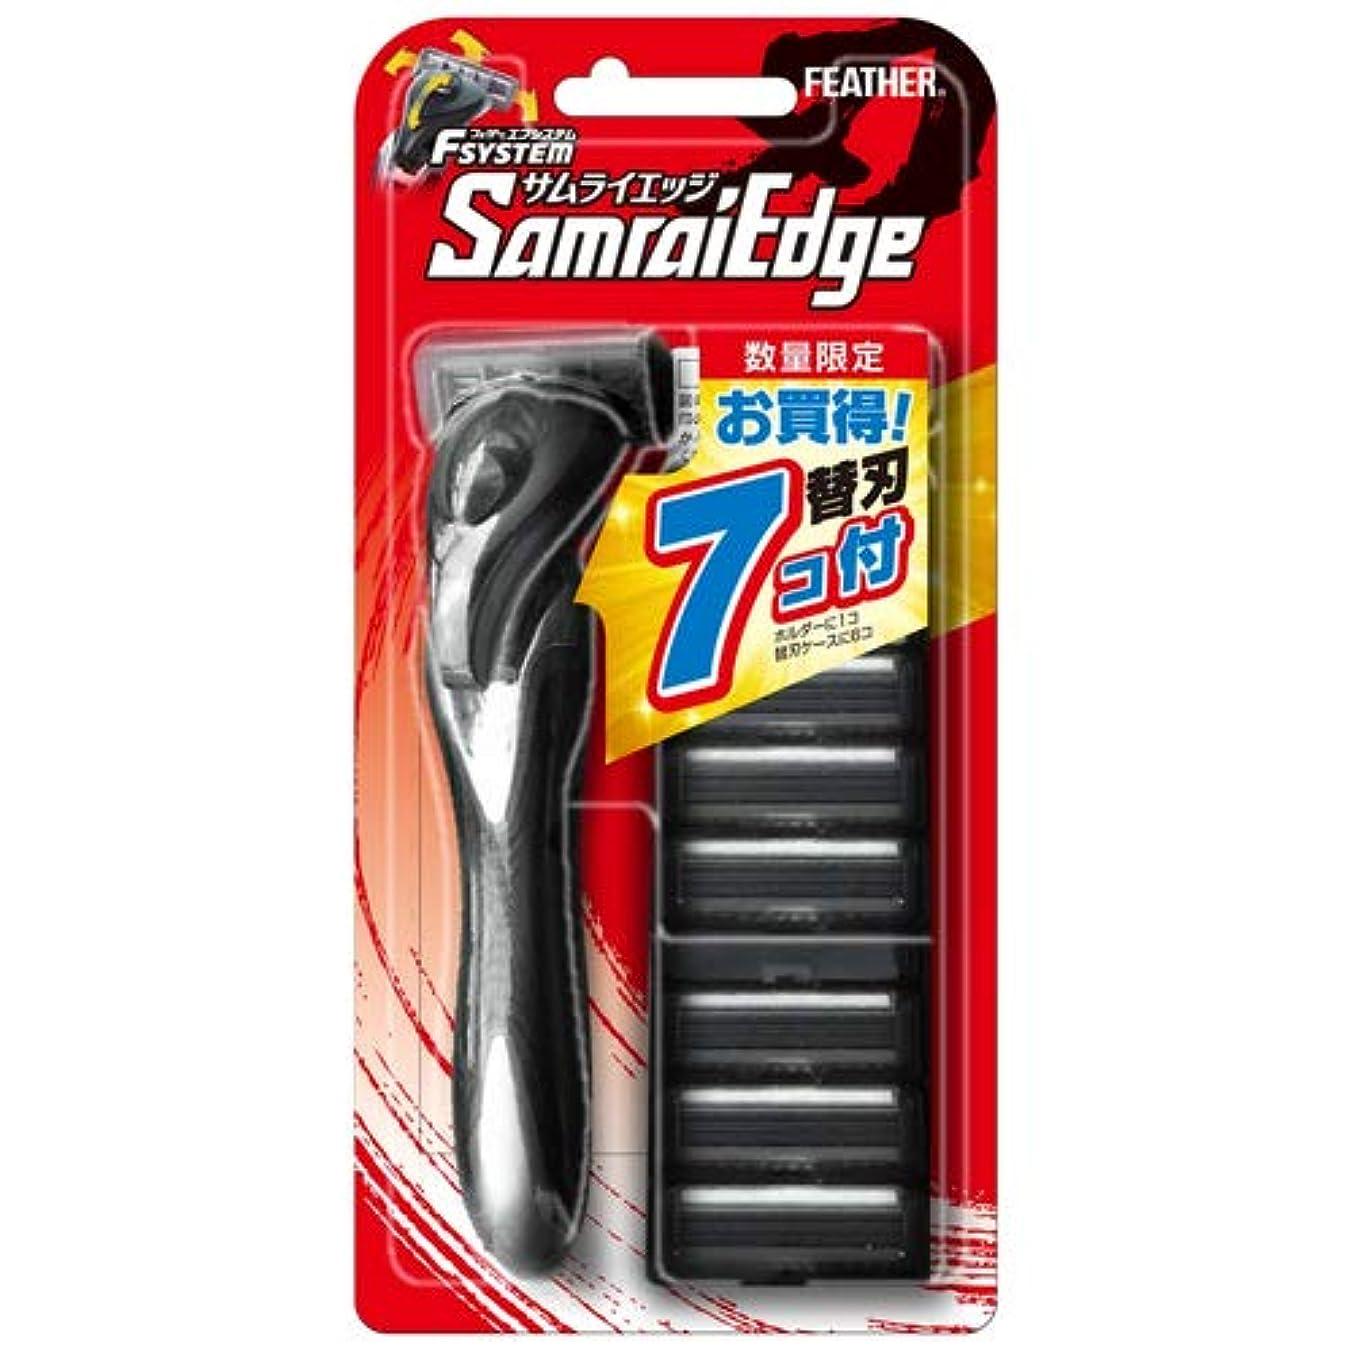 ほこりっぽい切る敬の念フェザー安全剃刀 サムライエッジ 替刃 7コ付き バリューパック セット 1本+替刃7個